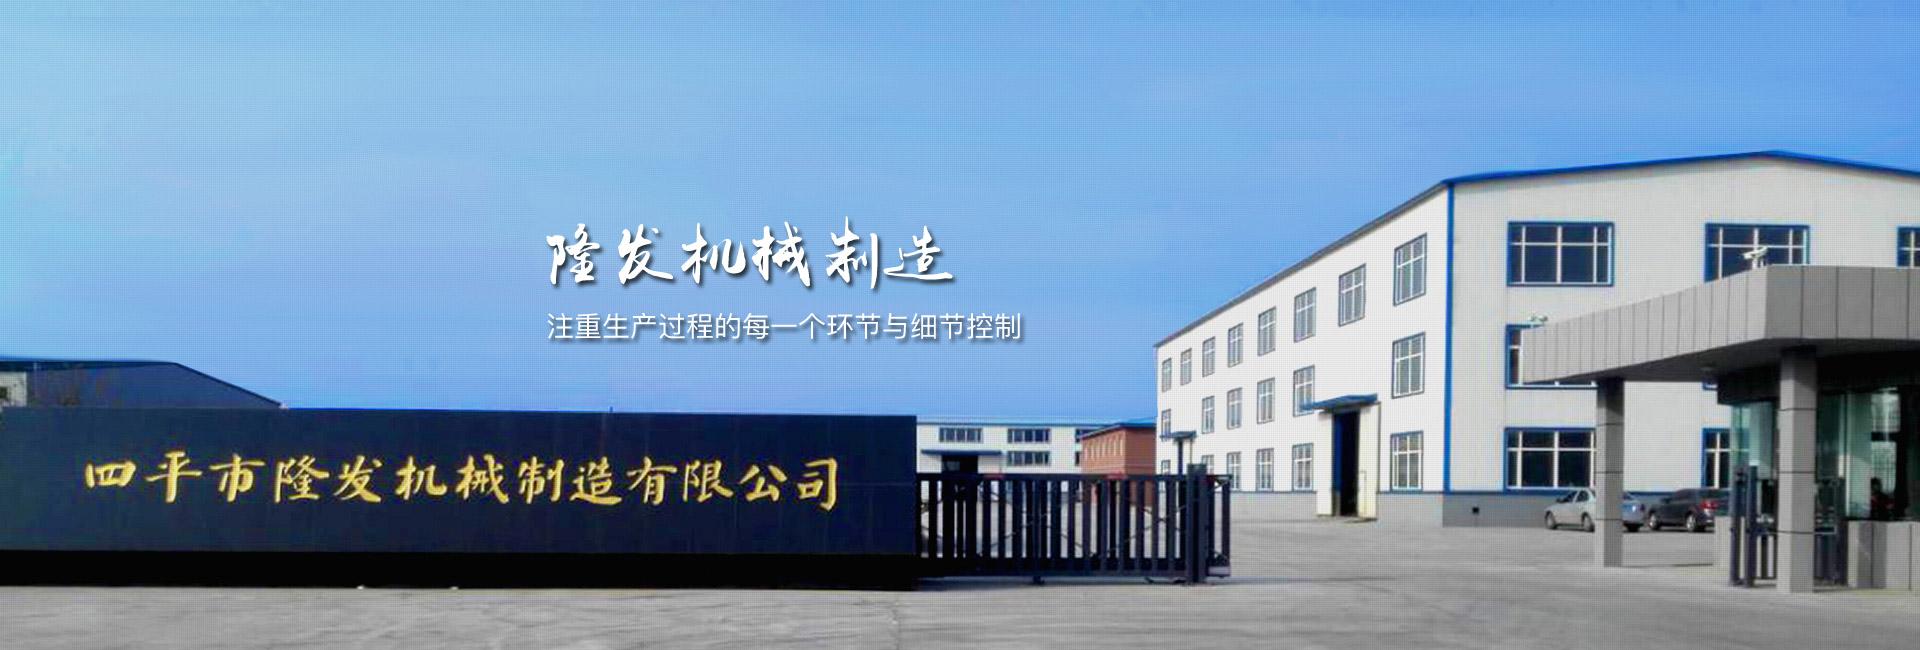 四平市隆发机械制造有限公司:欢迎您